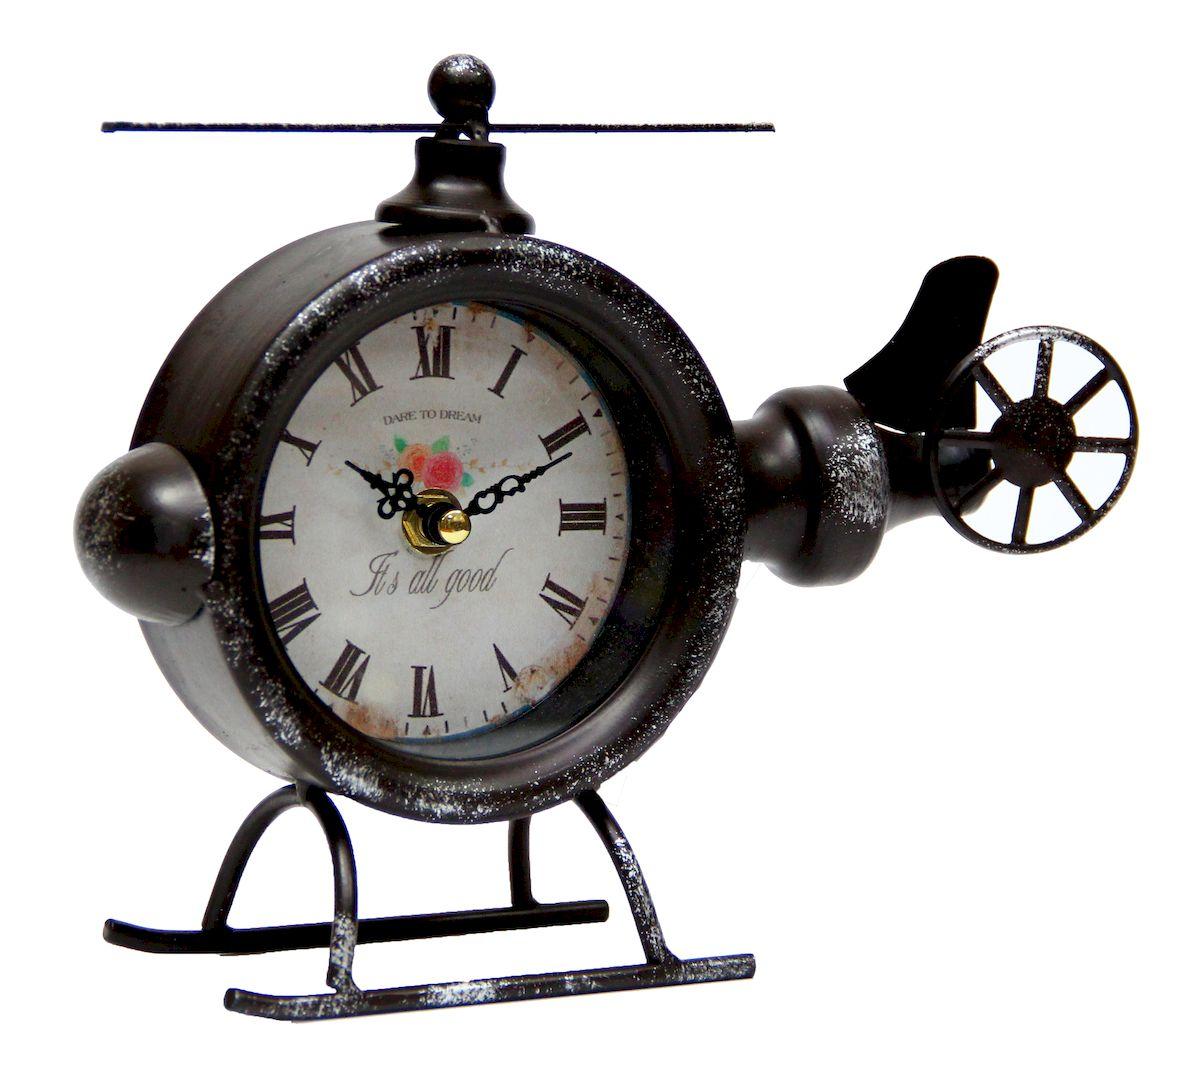 Часы настольные Magic Home Вертолет, кварцевые, цвет: черный54 009303Настольные кварцевые часы Magic Home Вертолет изготовлены из металла черного цвета, циферблат из черного металла с покрытием из принтованной бумаги. Настольные часы Magic Home Вертолет прекрасно оформят интерьер дома или рабочий стол в офисе.Часы работают от одной батарейки типа АА мощностью 1,5V (не входит в комплект).